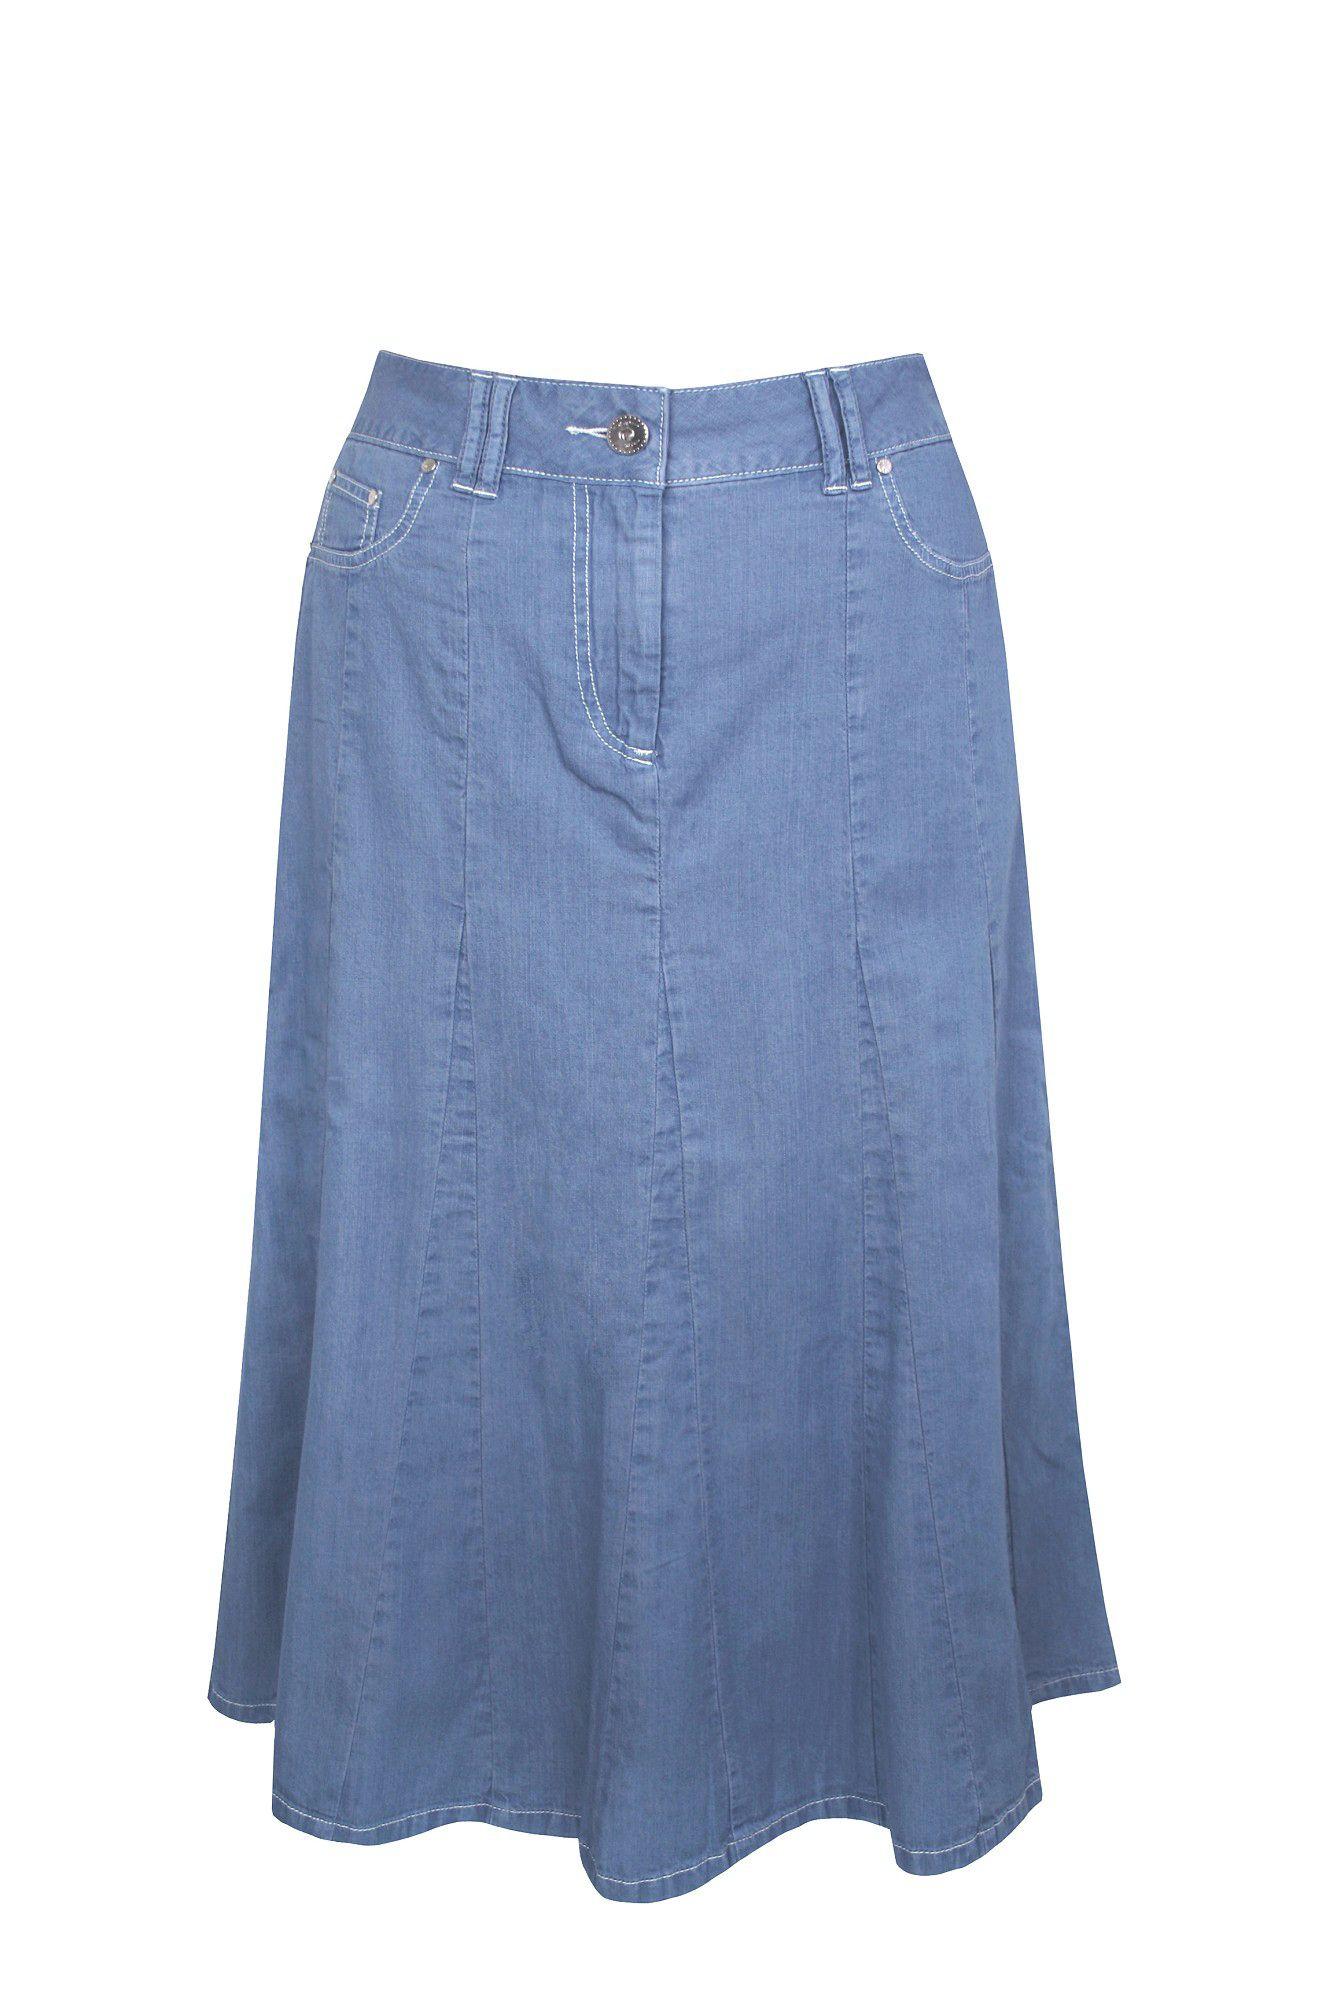 Dash Lightweight Denim Skirt in Blue | Lyst